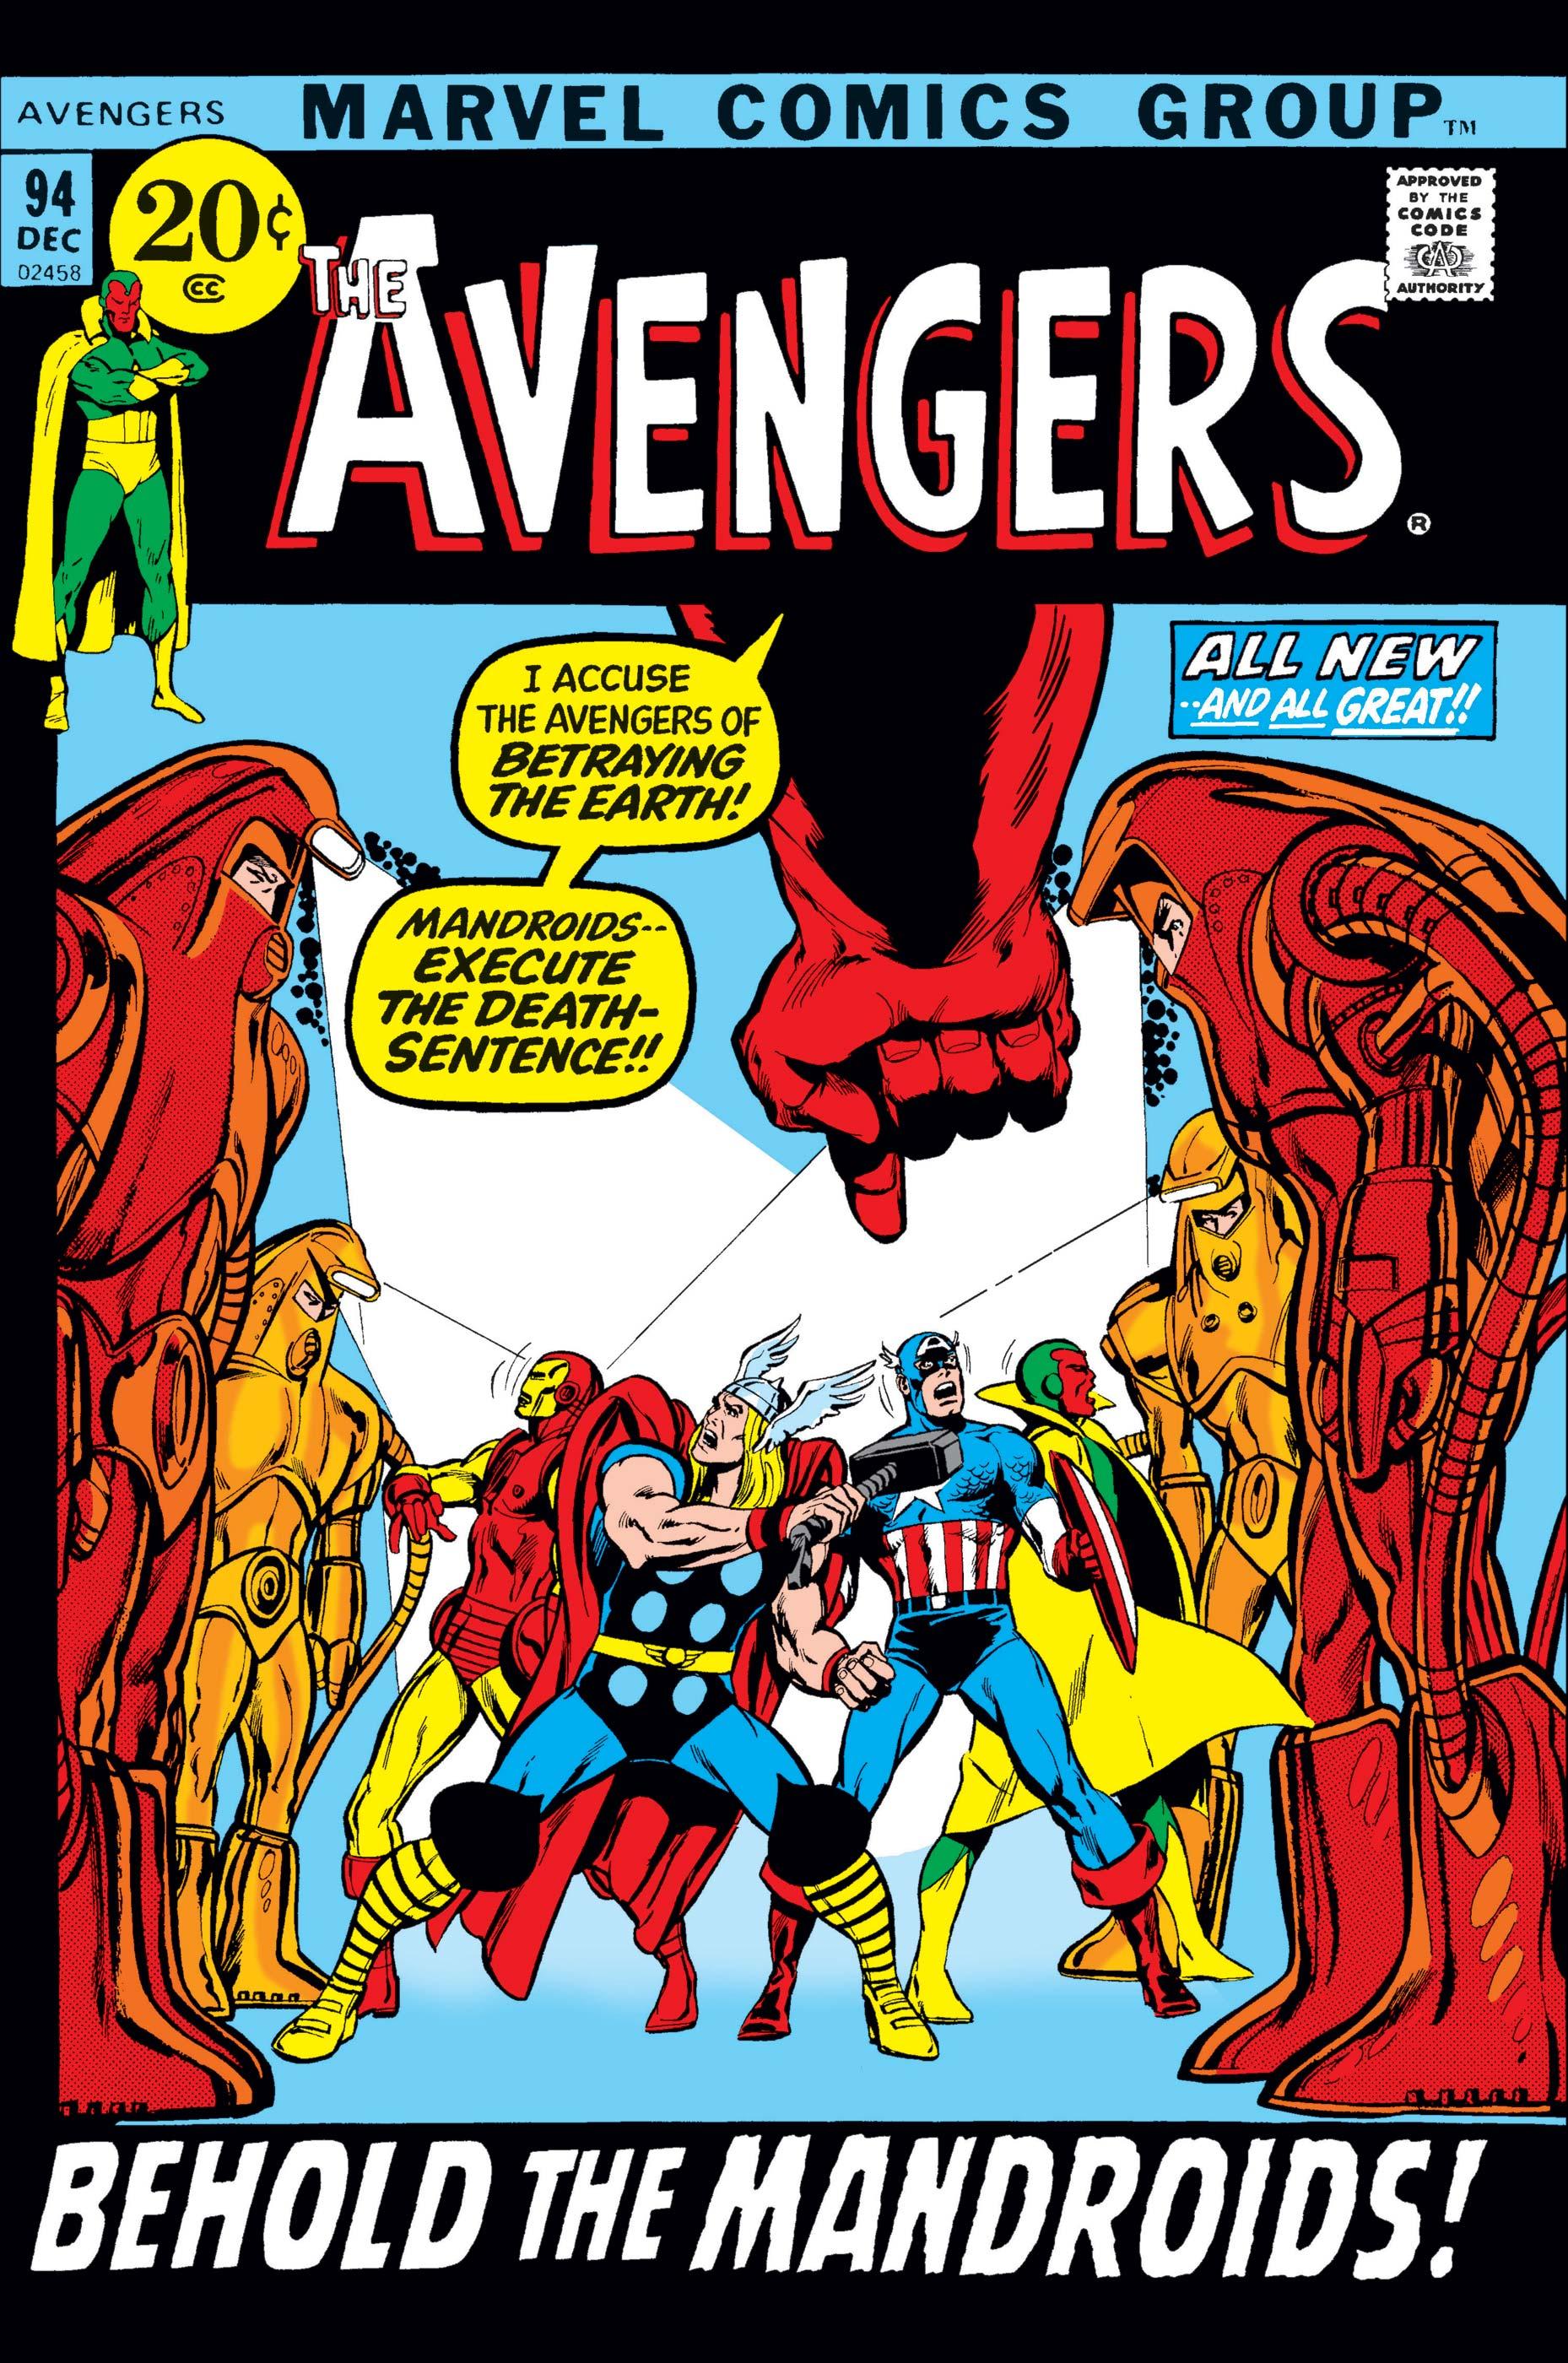 Avengers (1963) #94